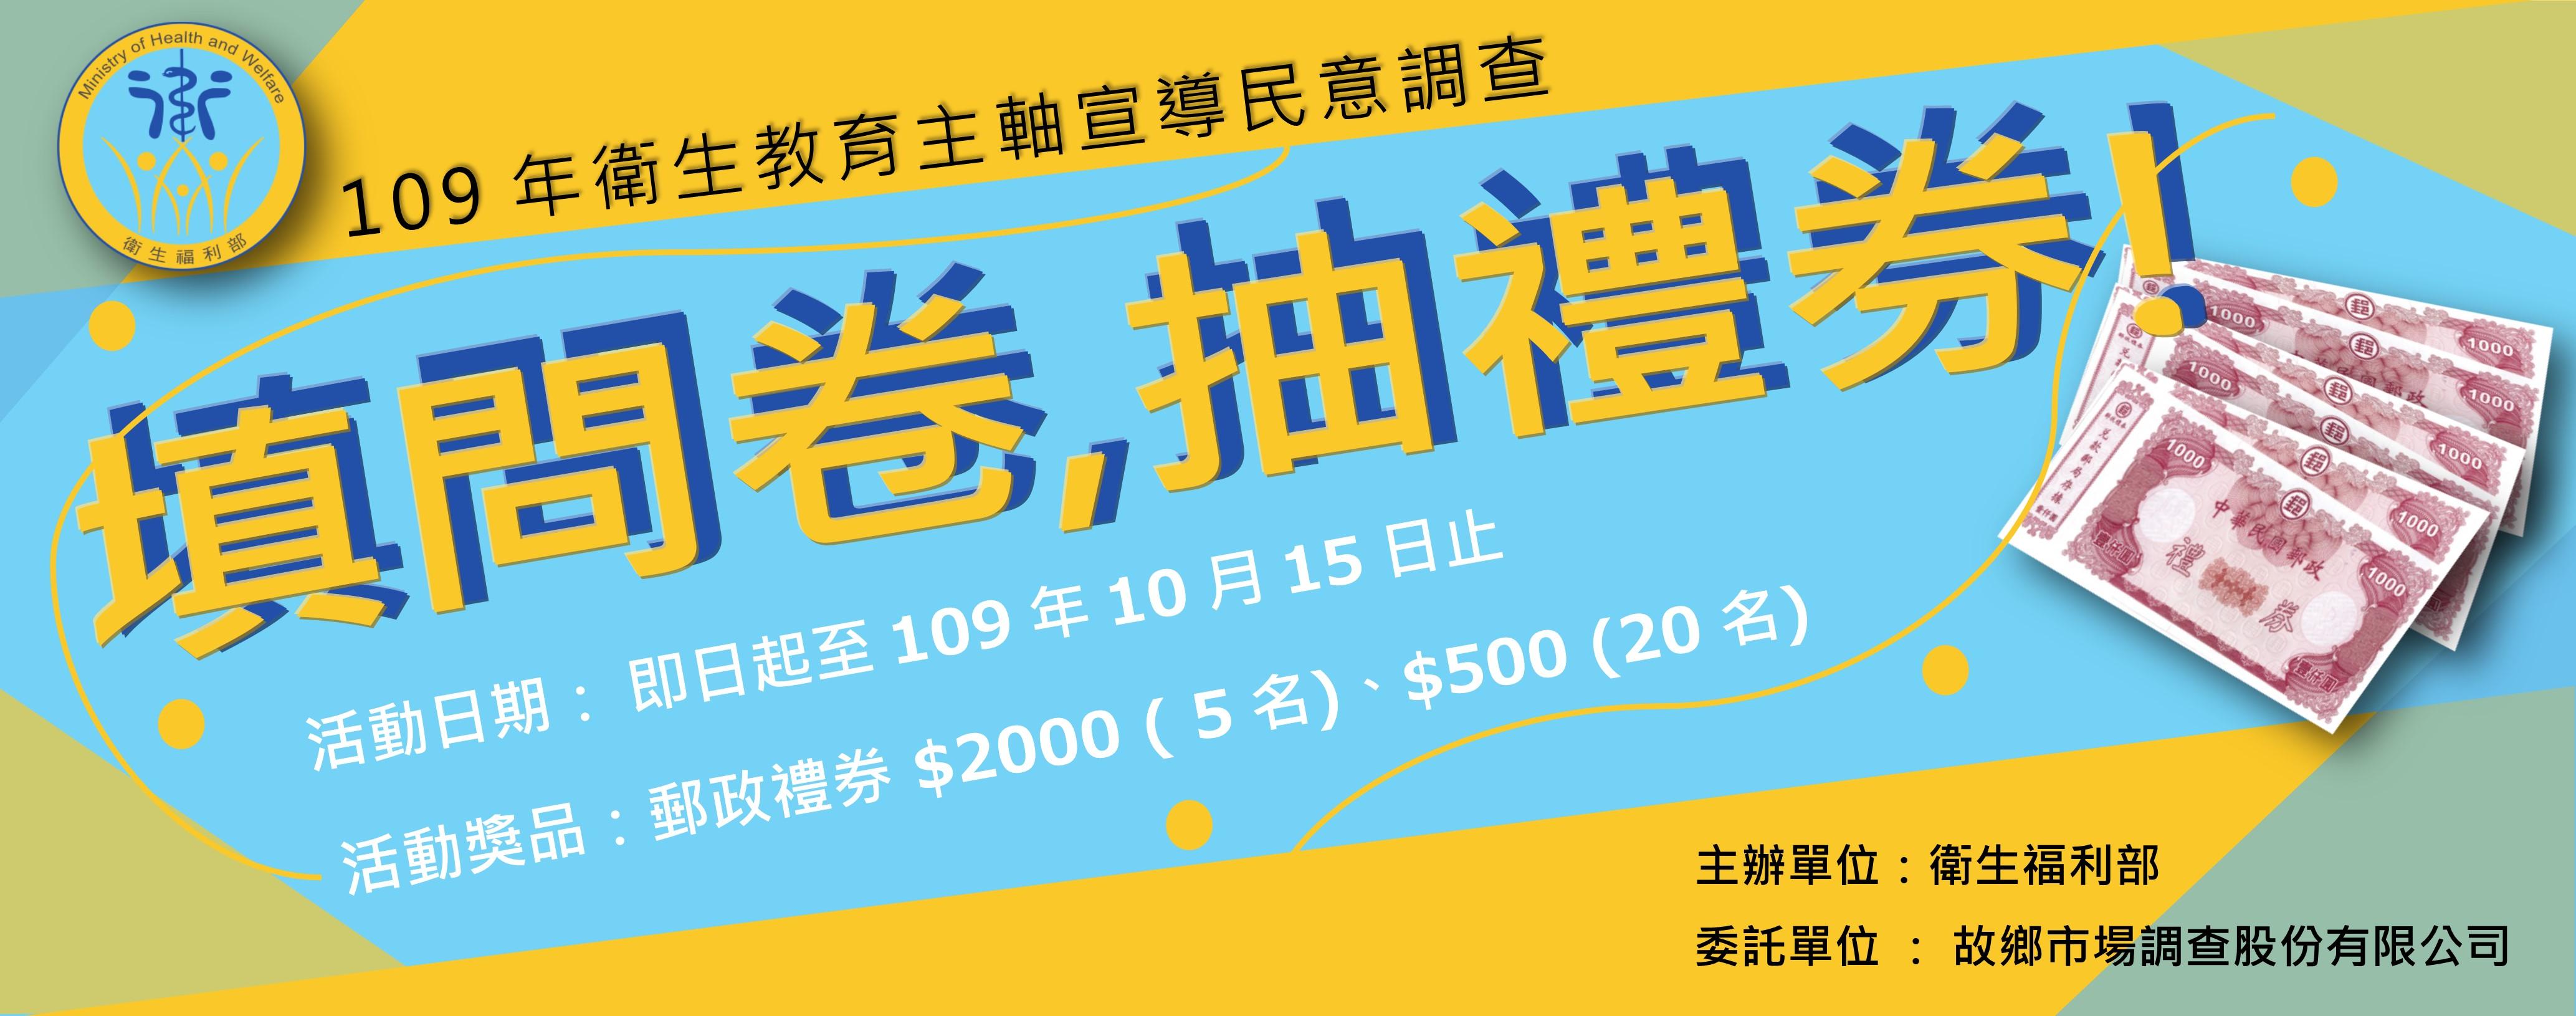 109年衛生教育主軸宣導民意調查banner